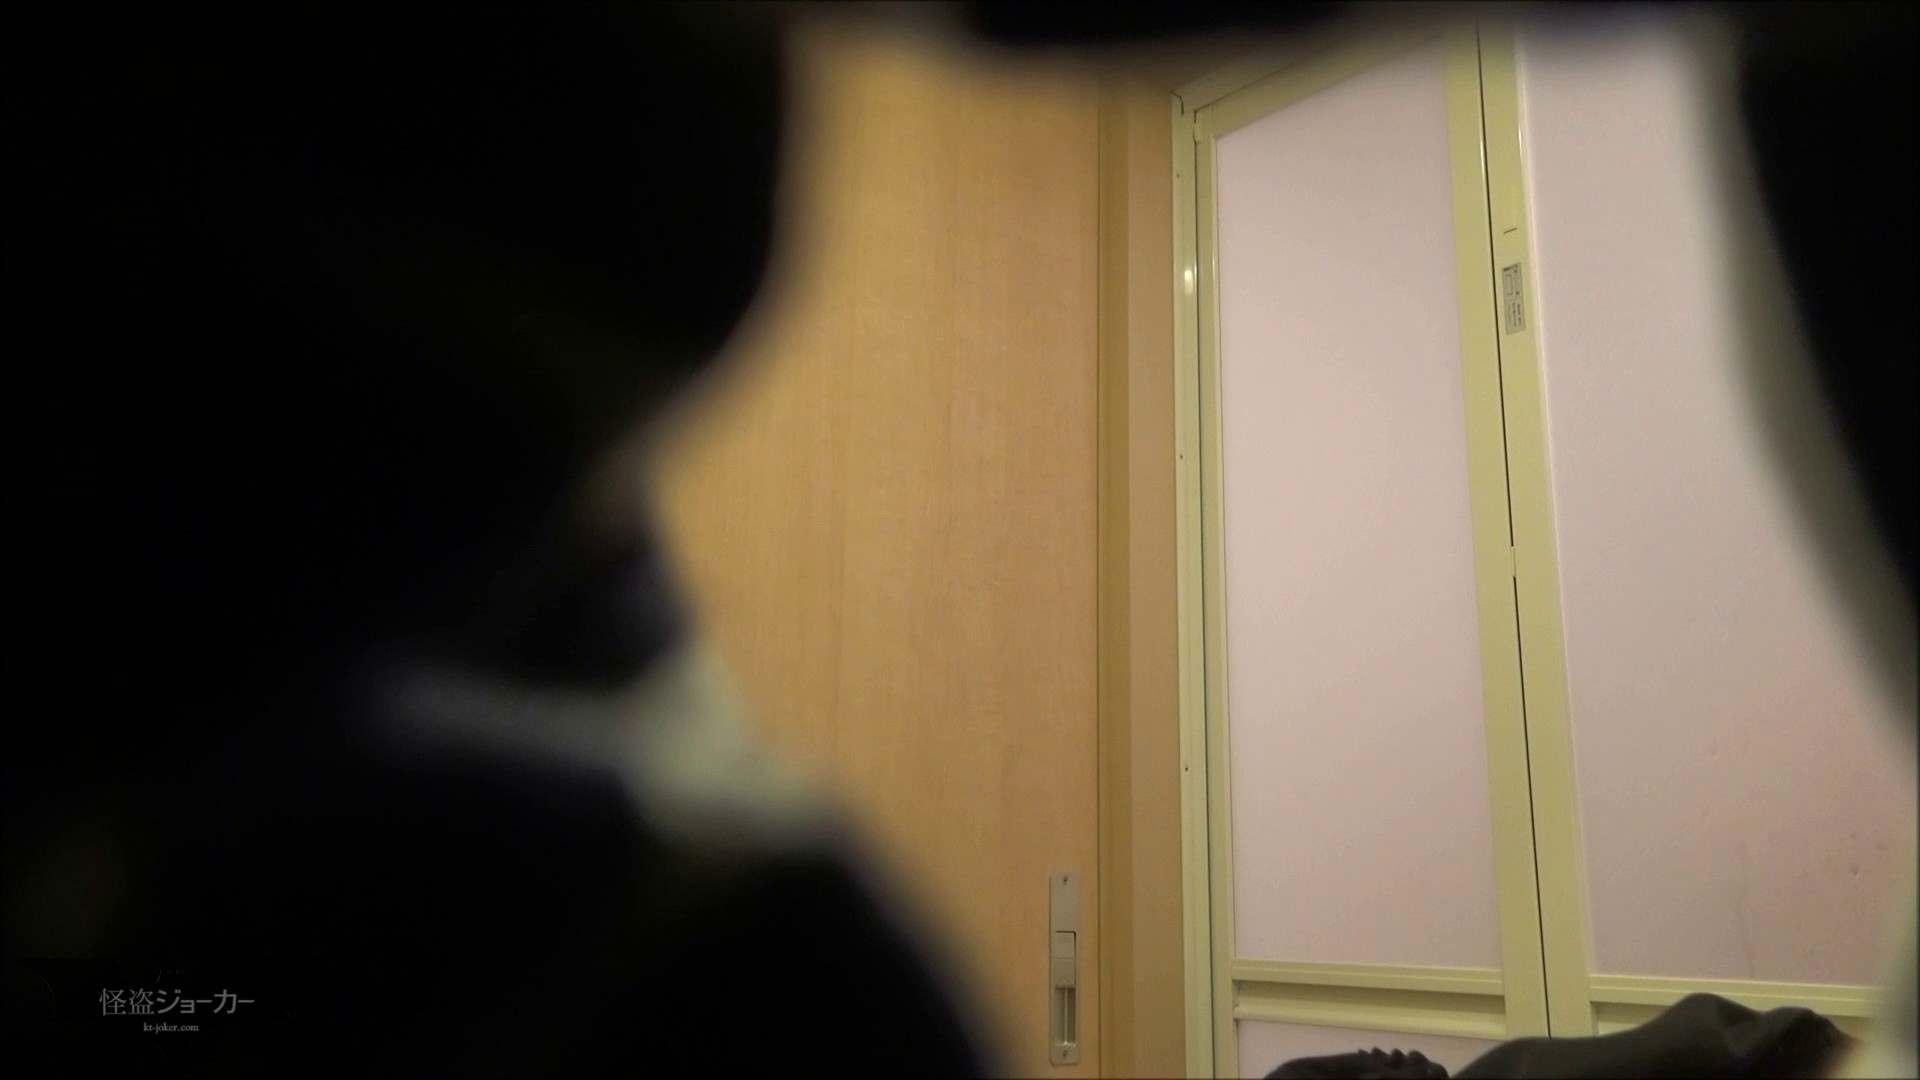 【未公開】vol.105 {爆乳女子と貧乳女子}カナミ&マリ【前編】 キャバ嬢 ヌード画像 49画像 47